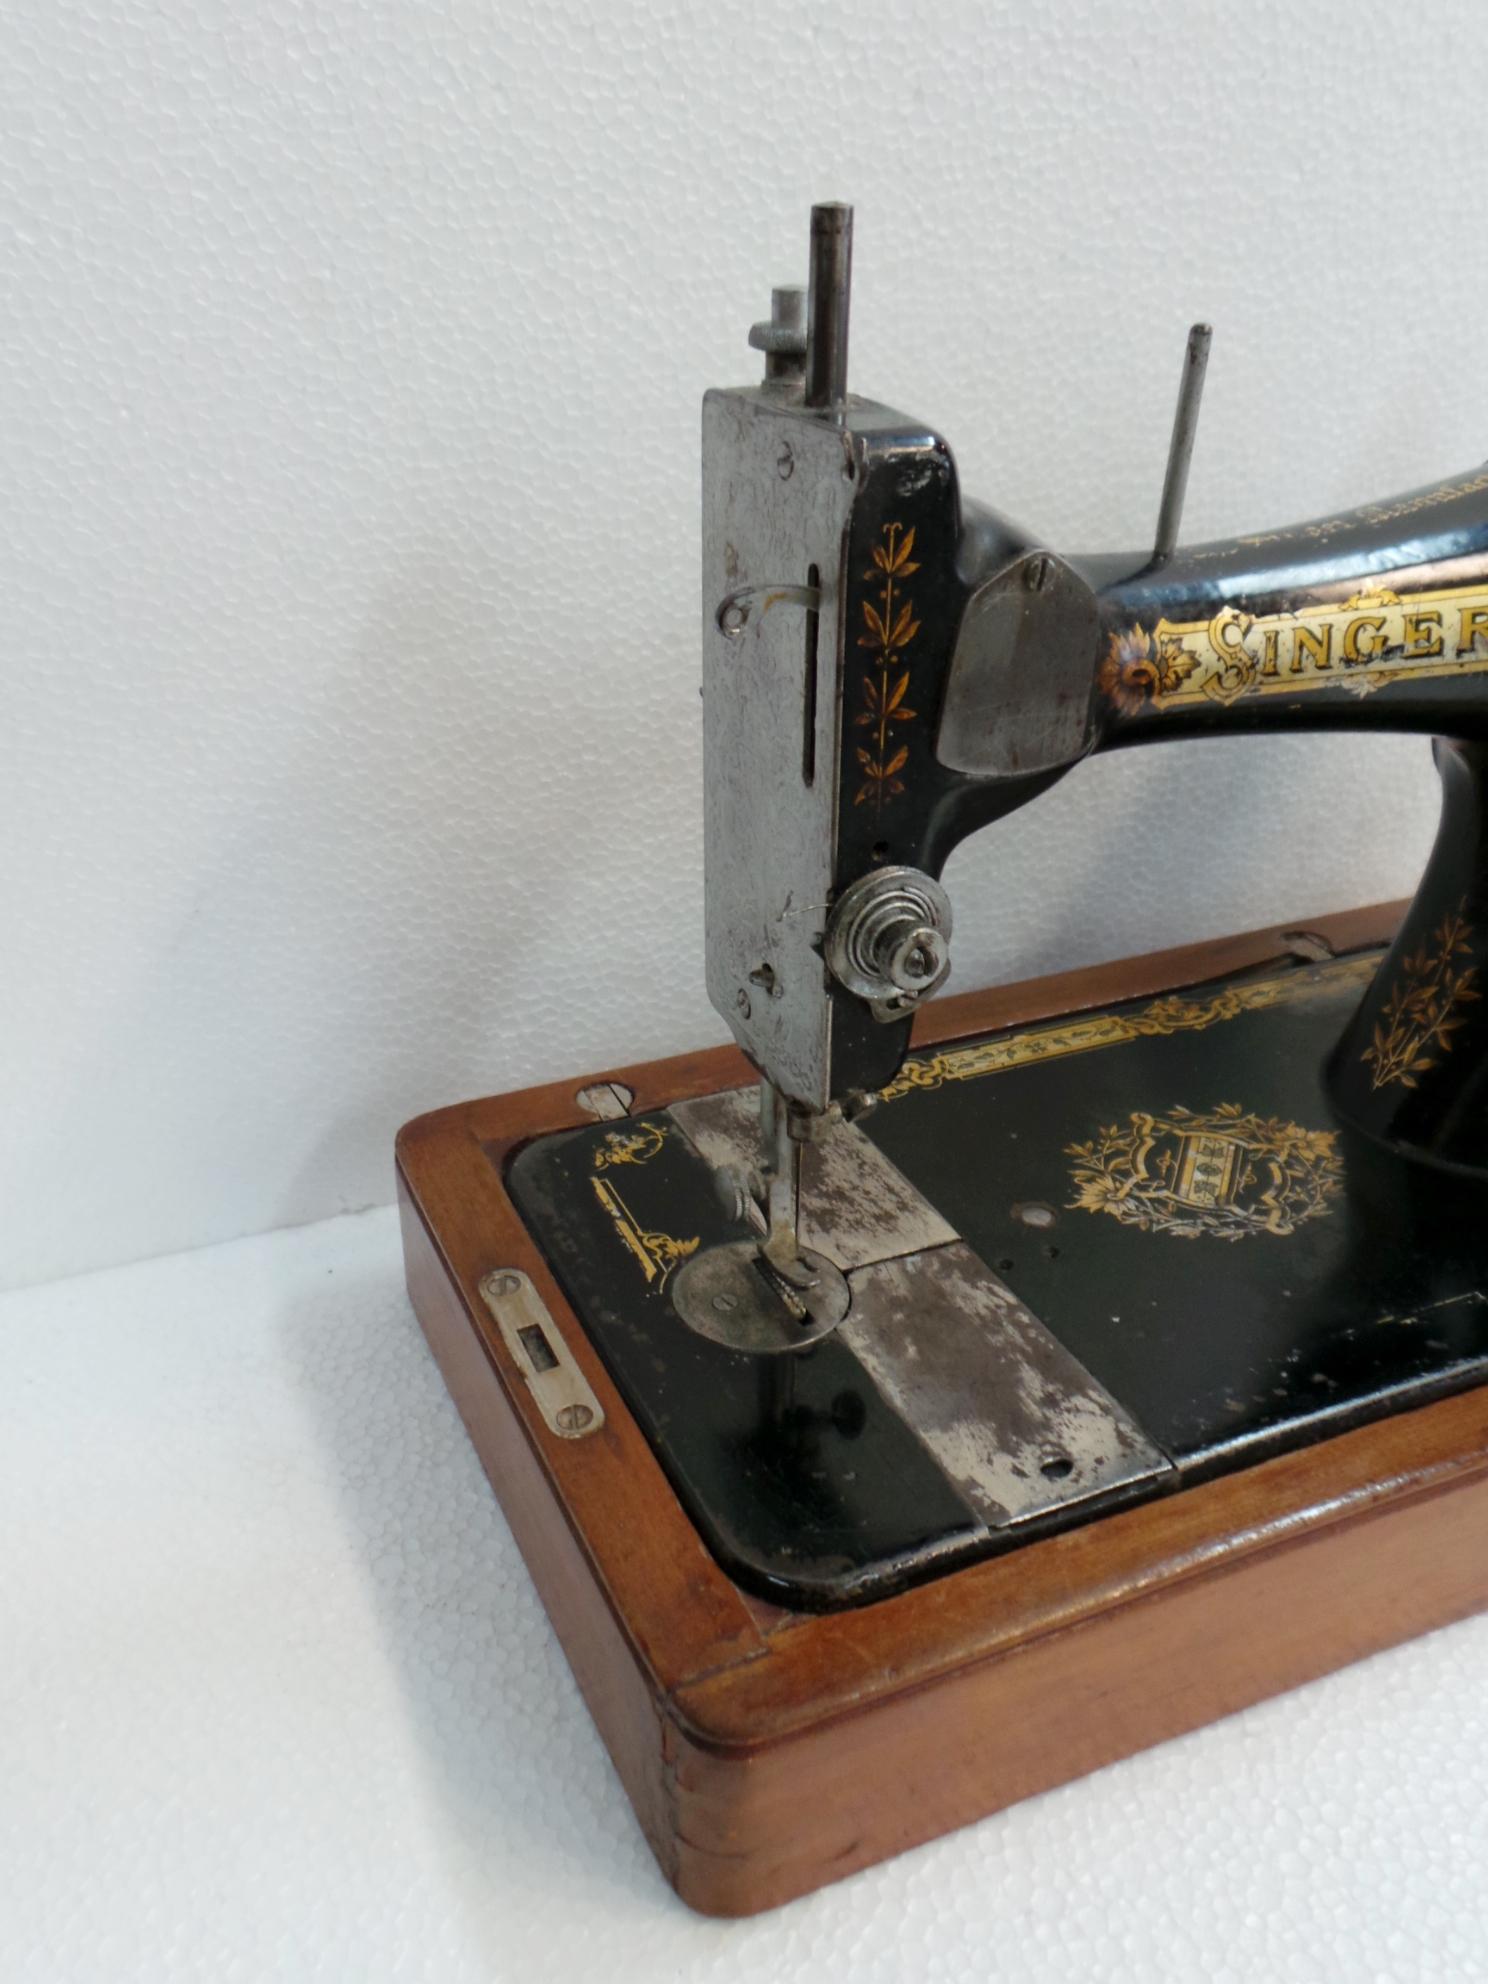 Macchina da cucire singer da tavolo dettaglio for Tavolo macchina da cucire singer